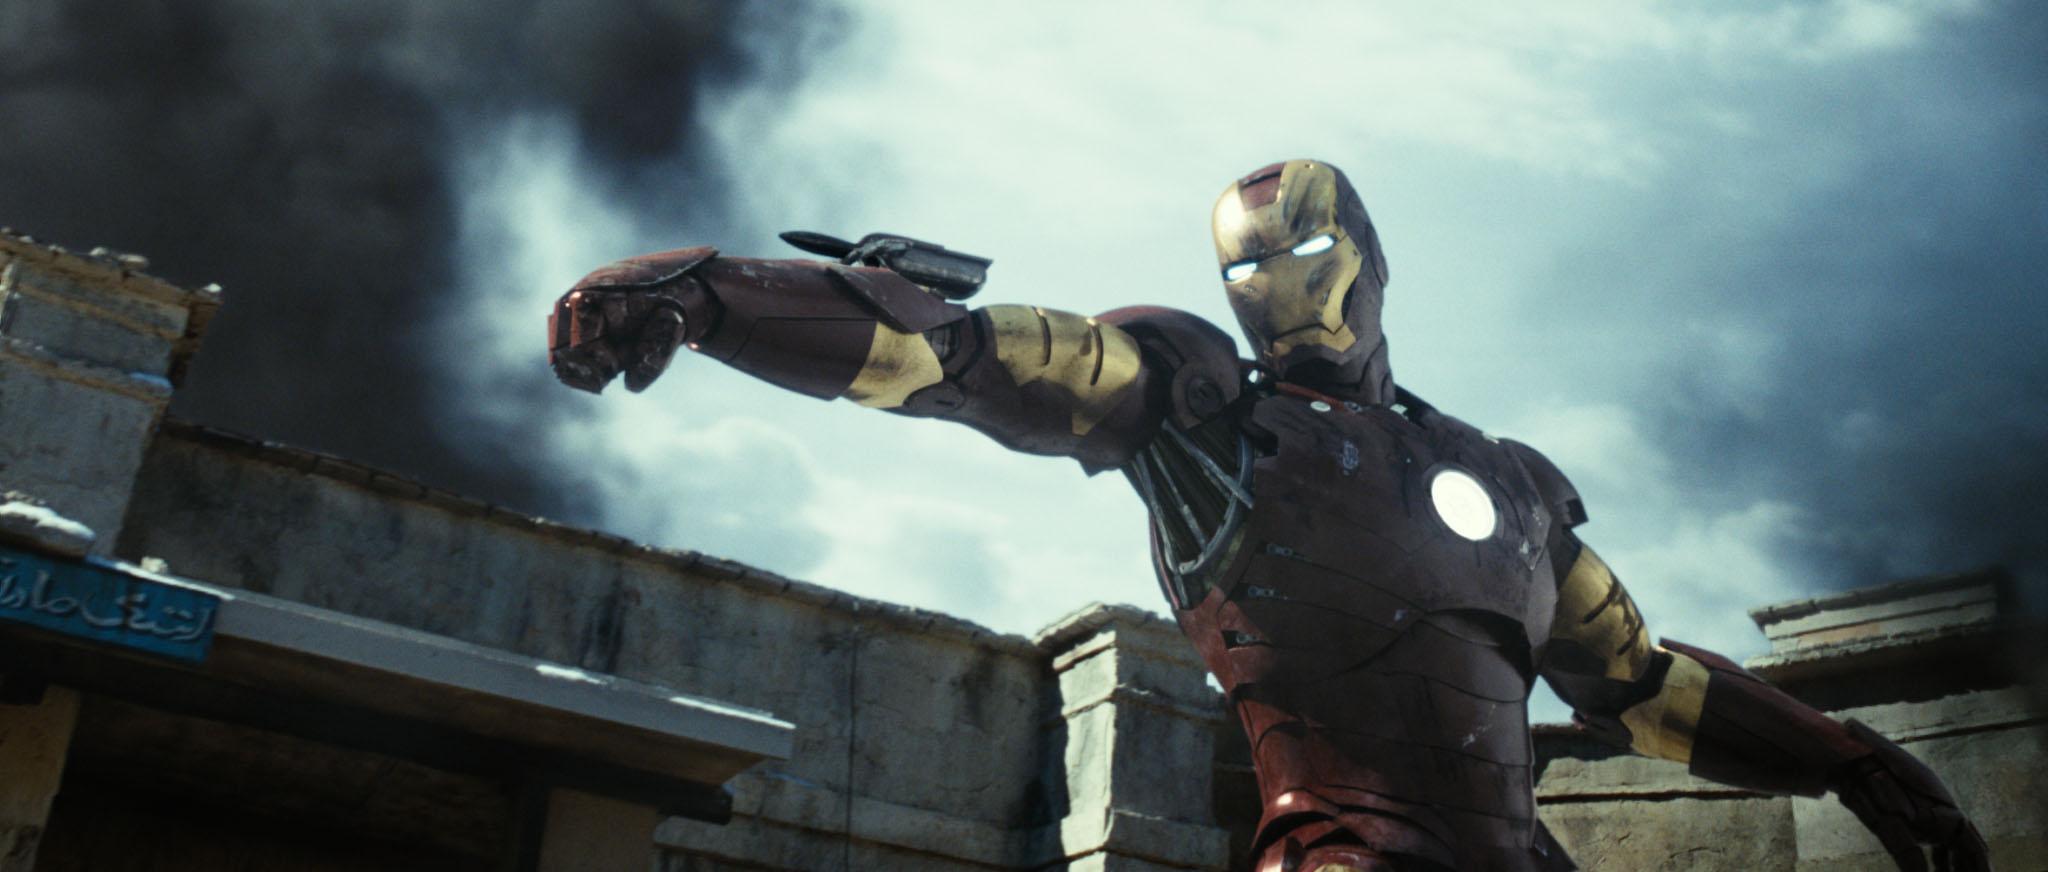 ชุดเกราะ Iron man ปี2008 โดนขโมย